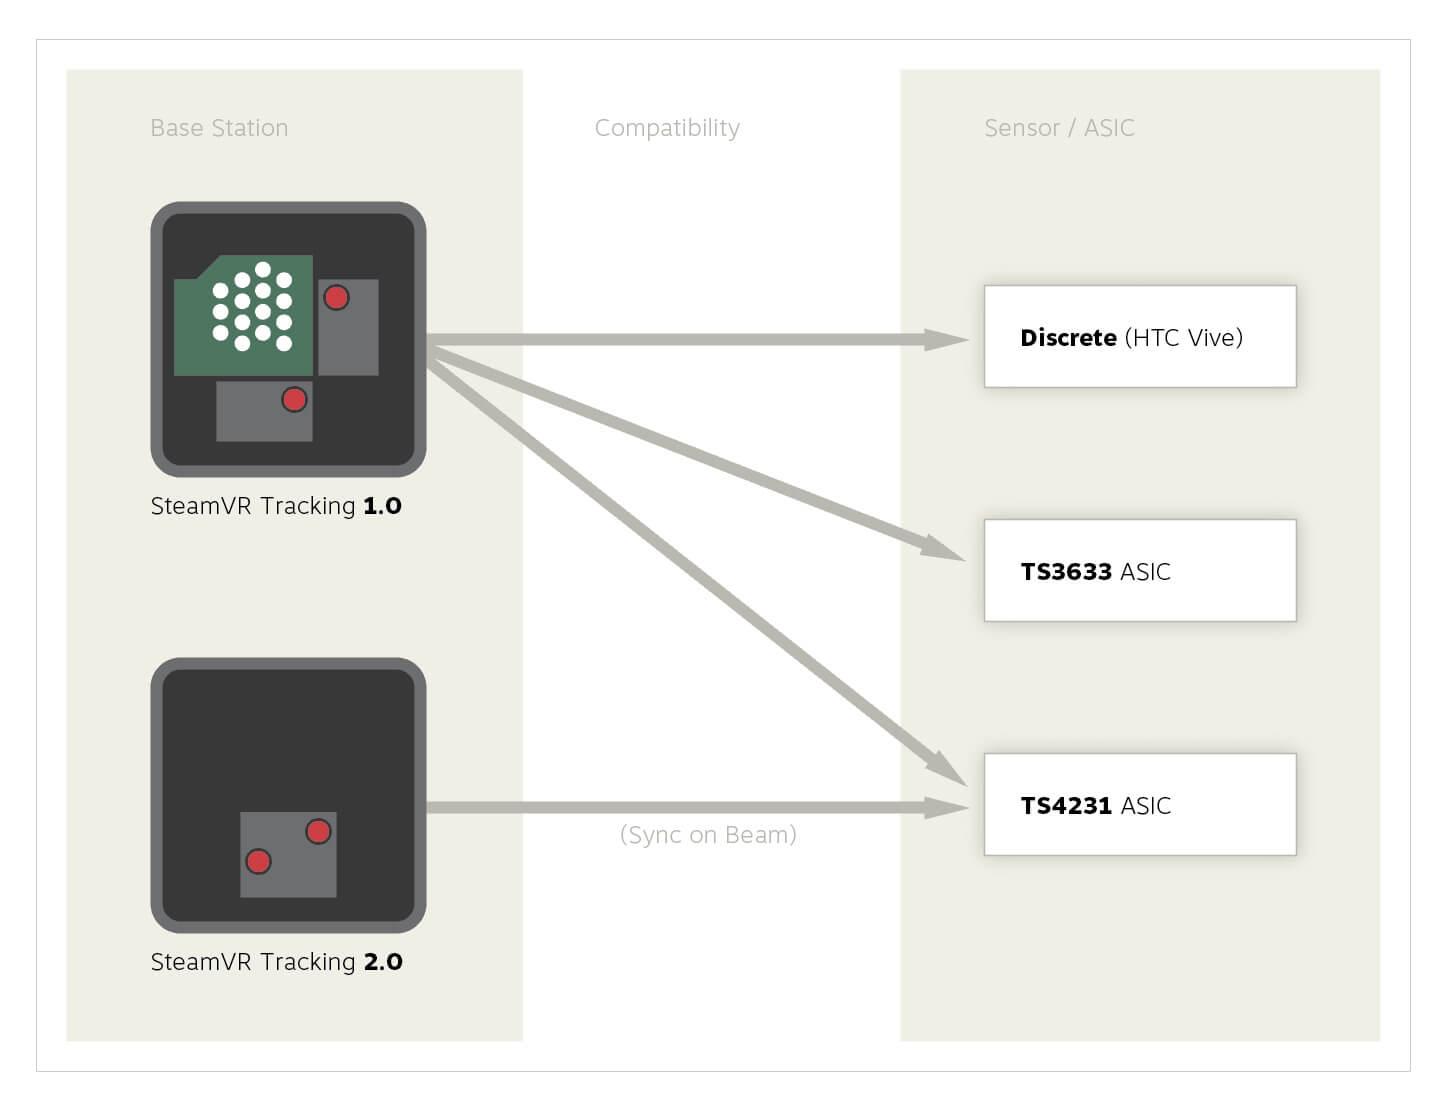 Die alten Trackingboxen unterstützen neue Systeme. Umgekehrt klappt das nicht. Bild: Valve